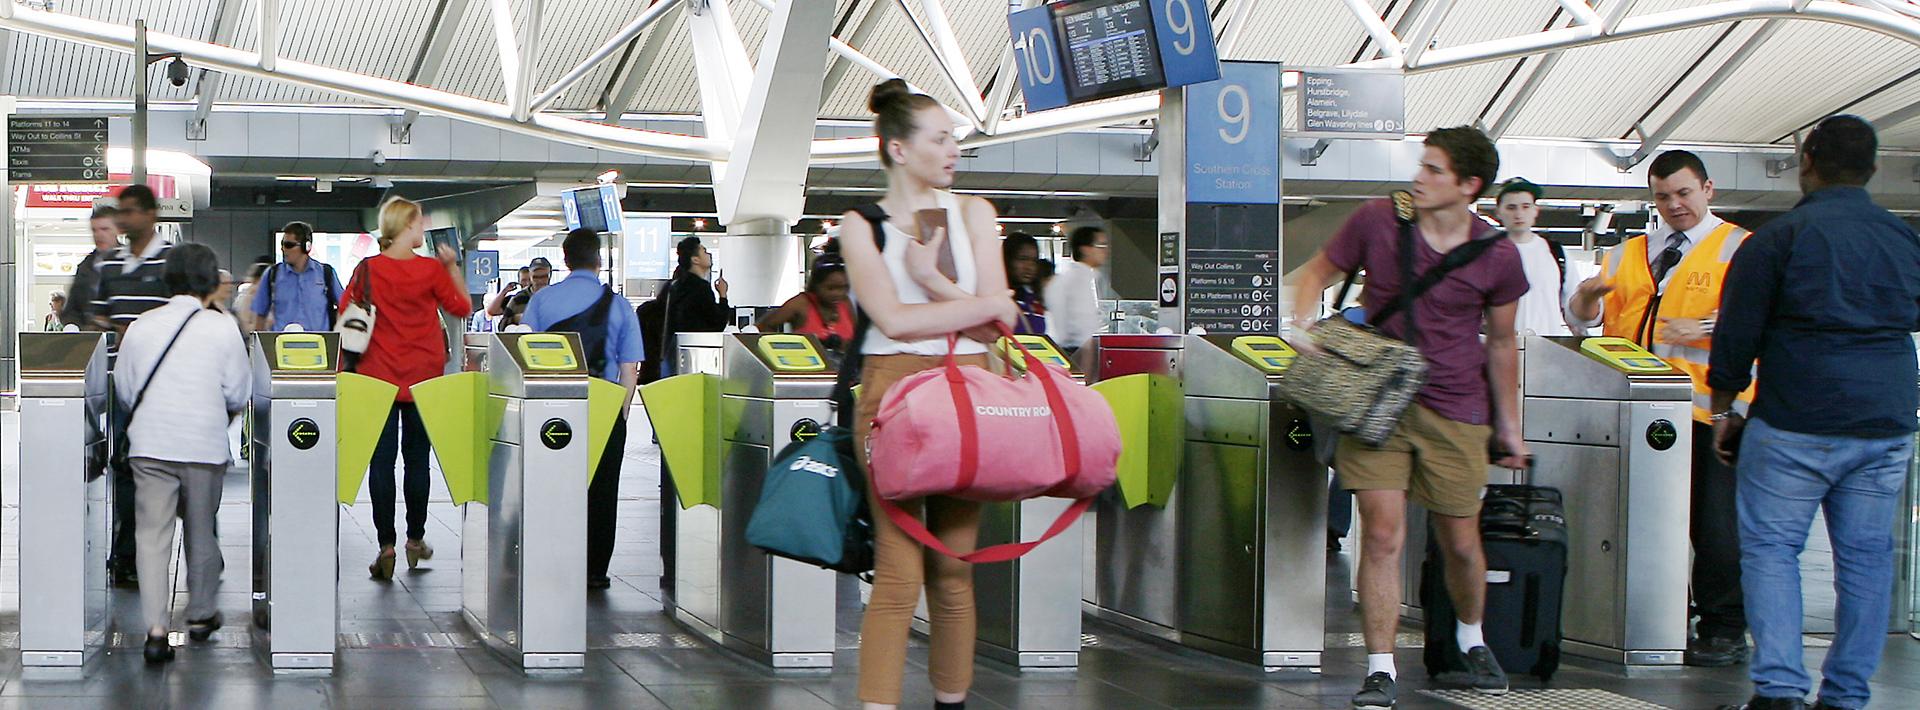 U-Bahn und öffentliche Verkehrsmittel